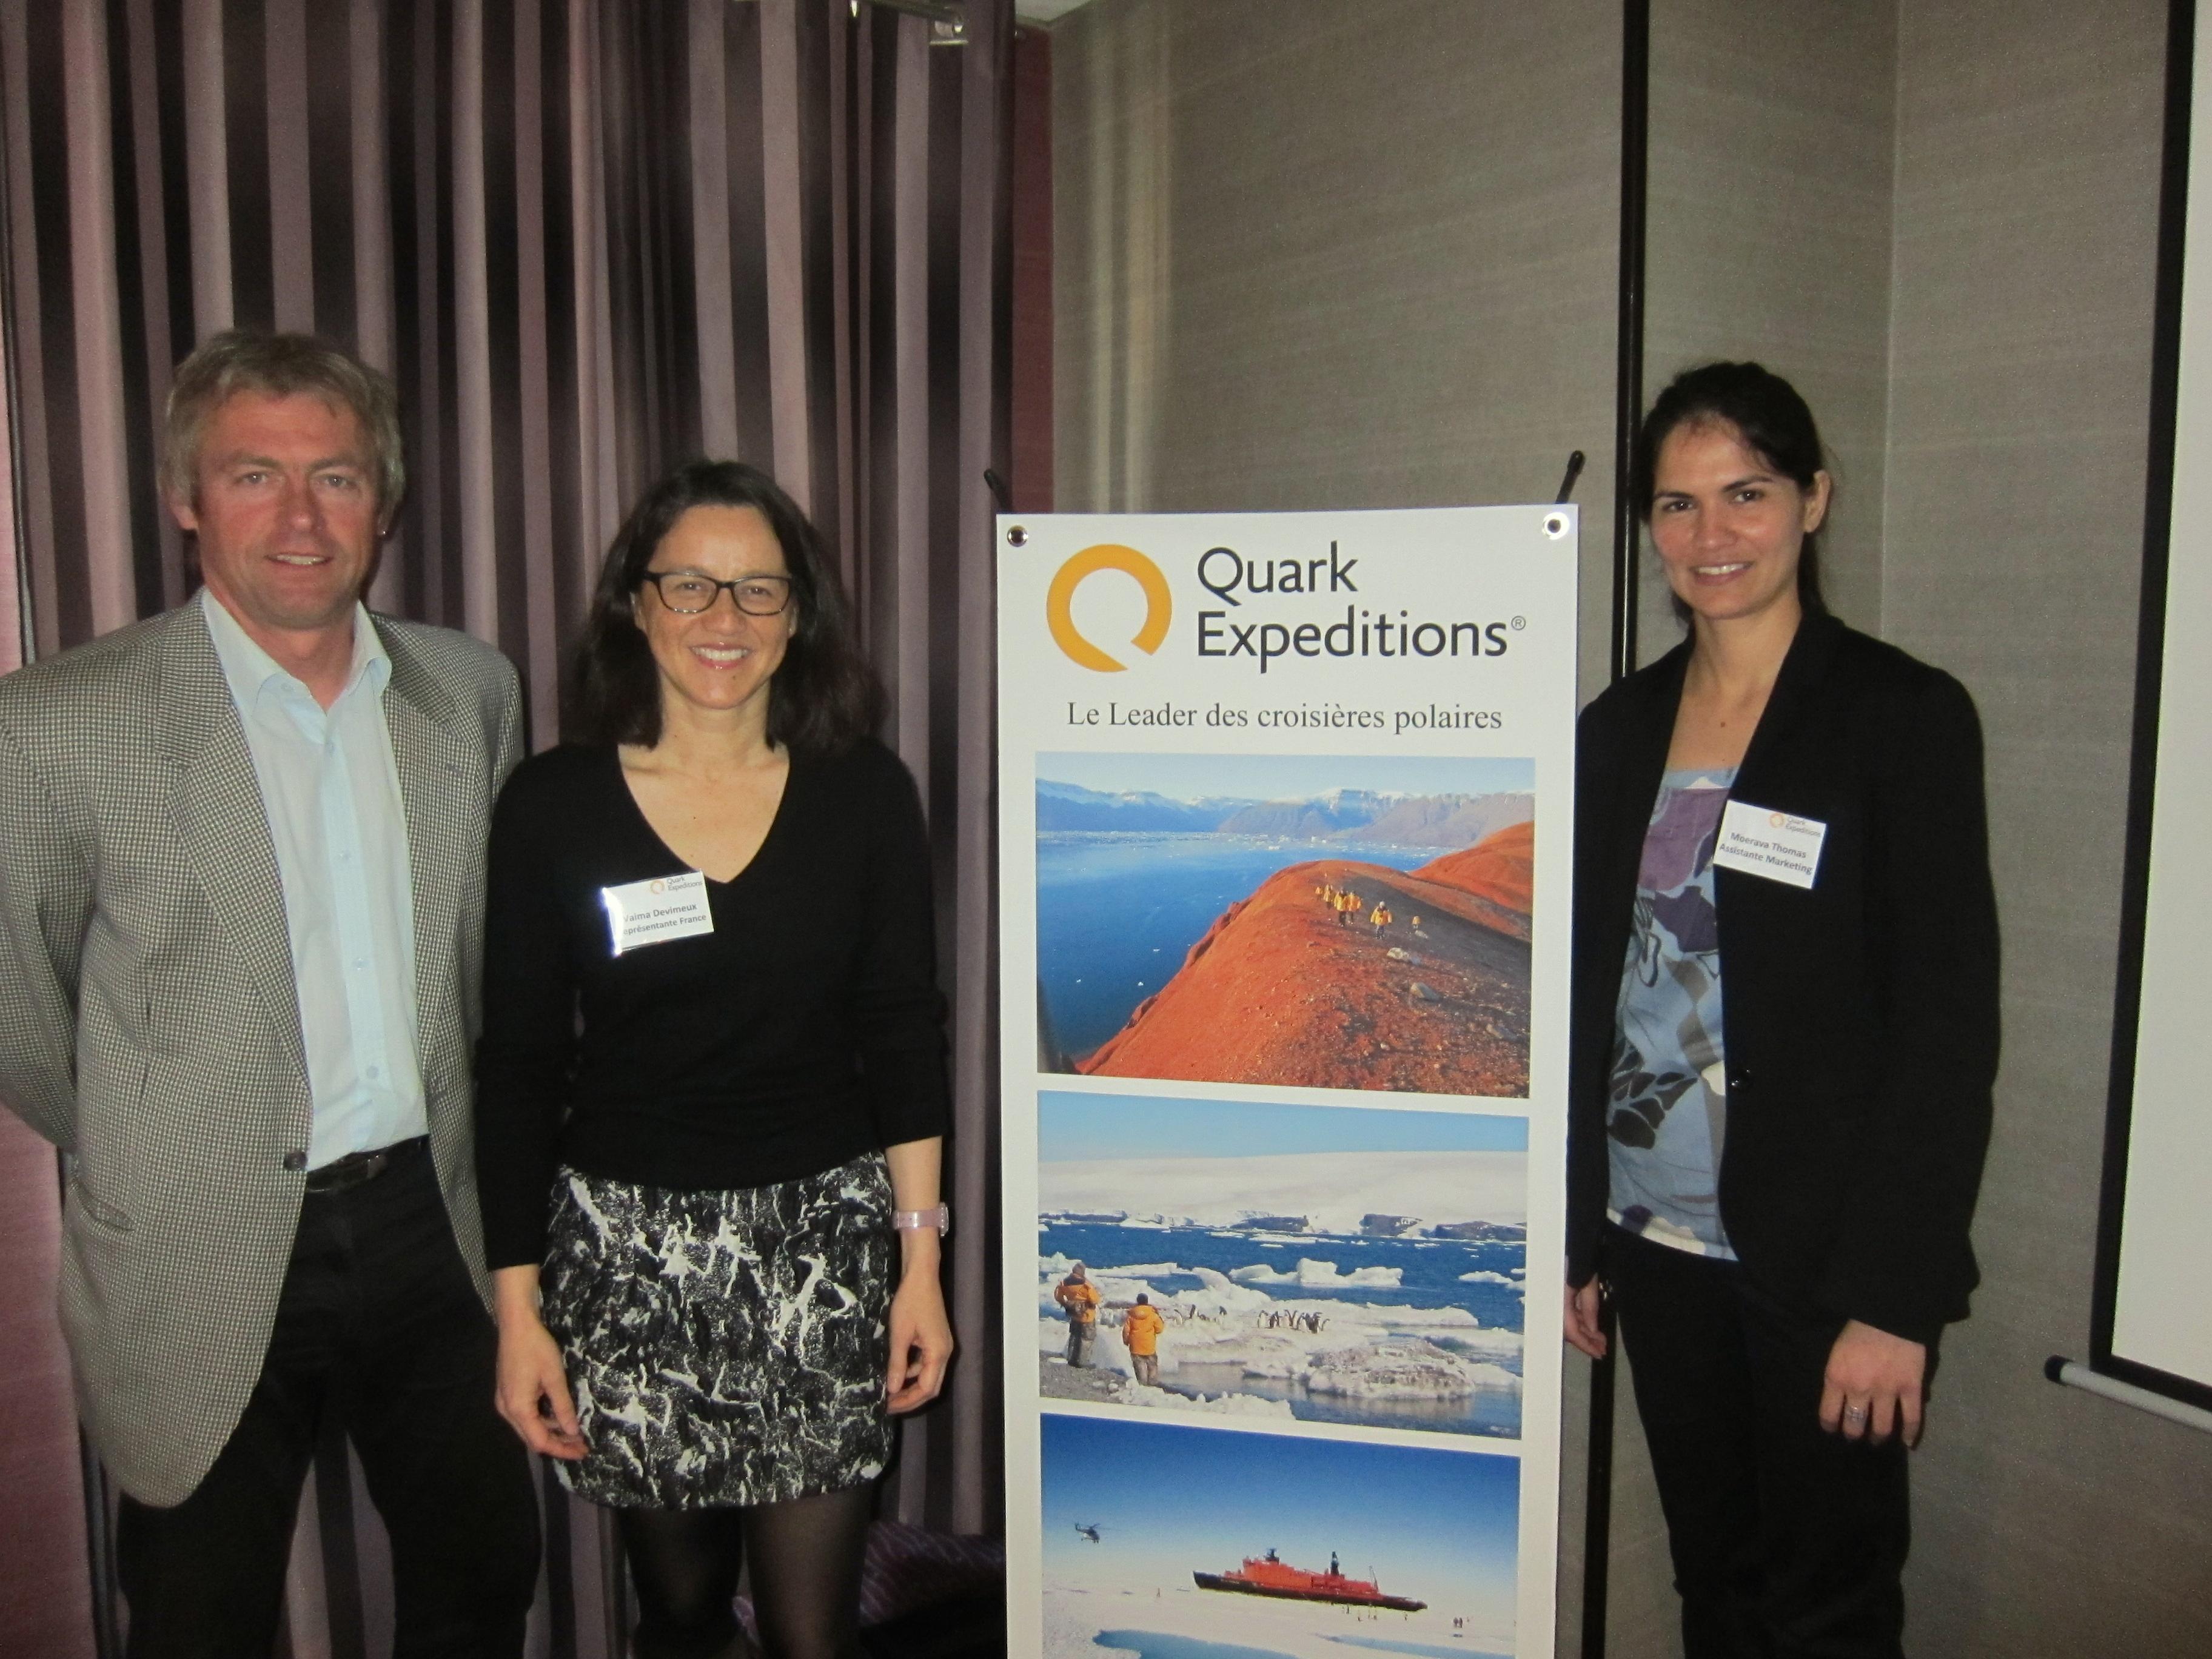 Fabrice Genevois, le guide français de Quark Expéditions entouré par Vaima Devimeux, et Moerava Thomas, les deux représentantes de l'opérateur en France. Photo LAC.